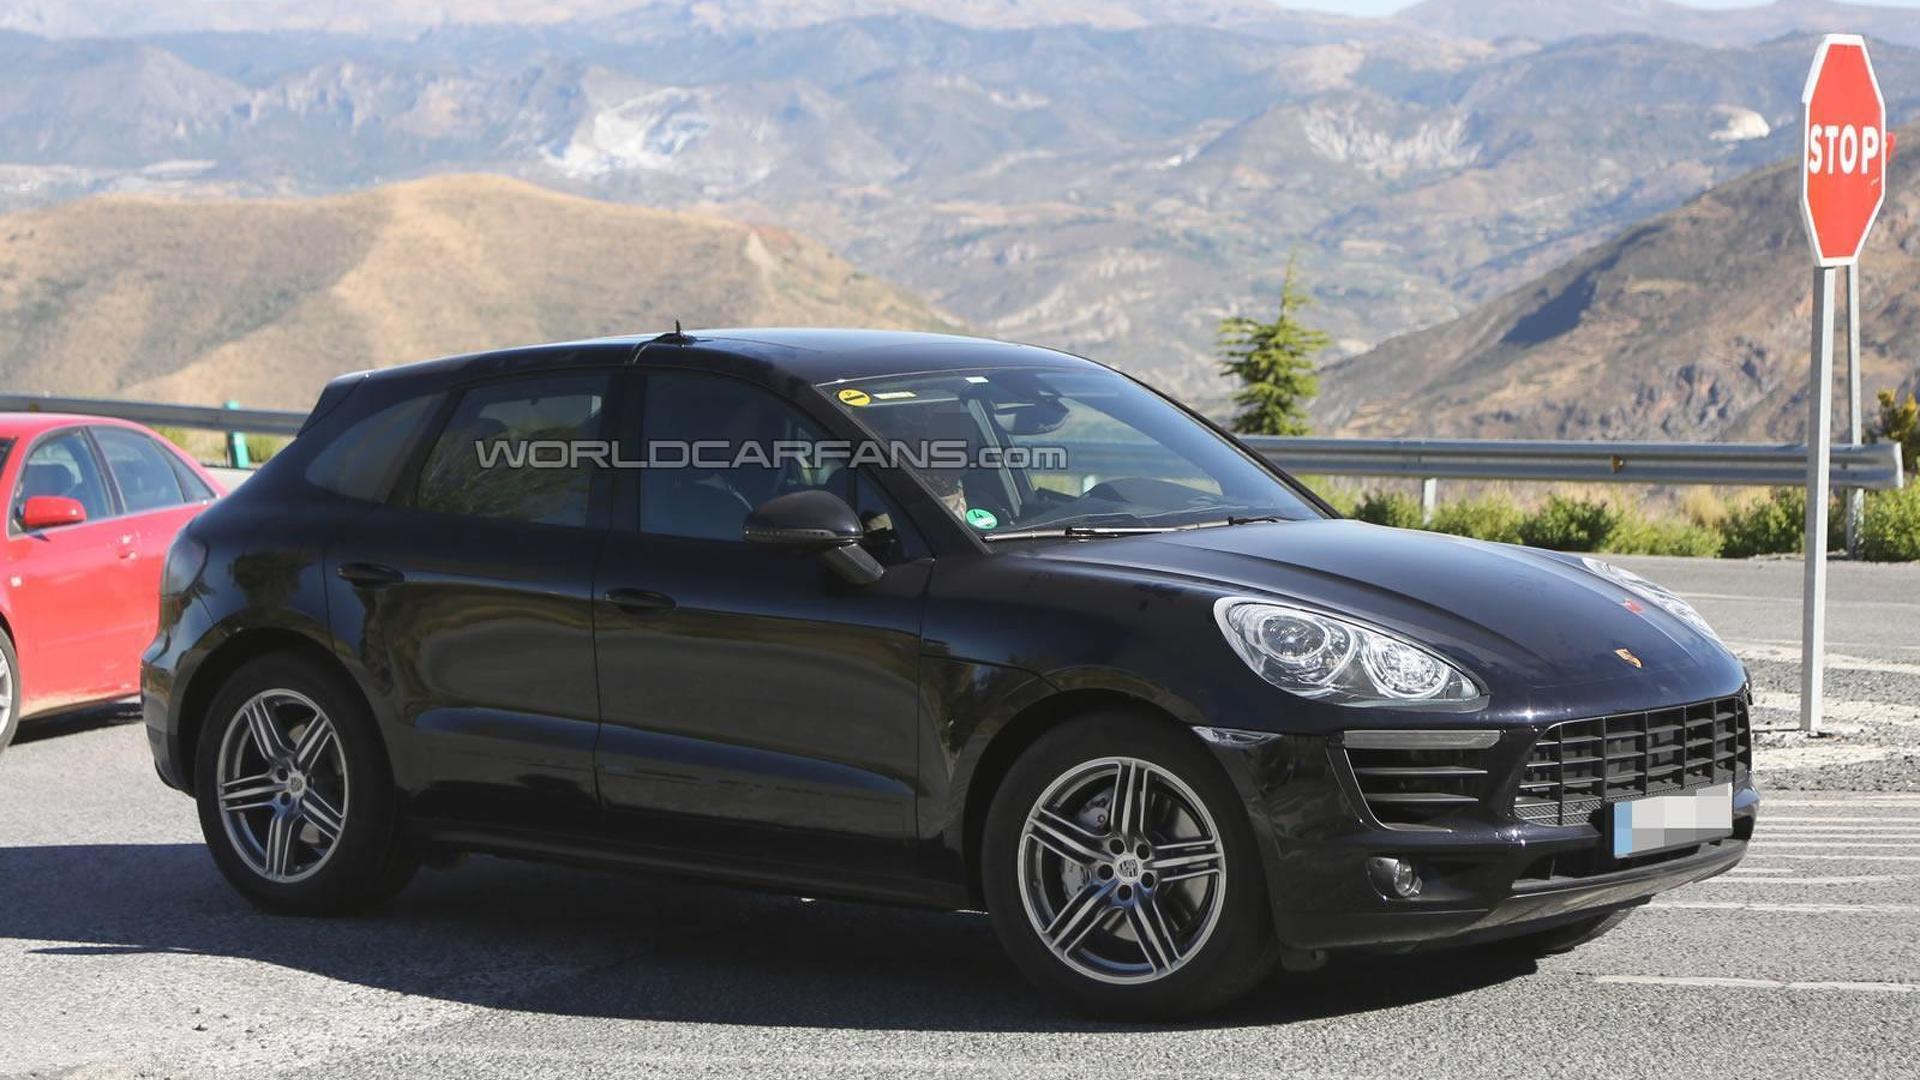 2014 Porsche Macan spied virtually undisguised